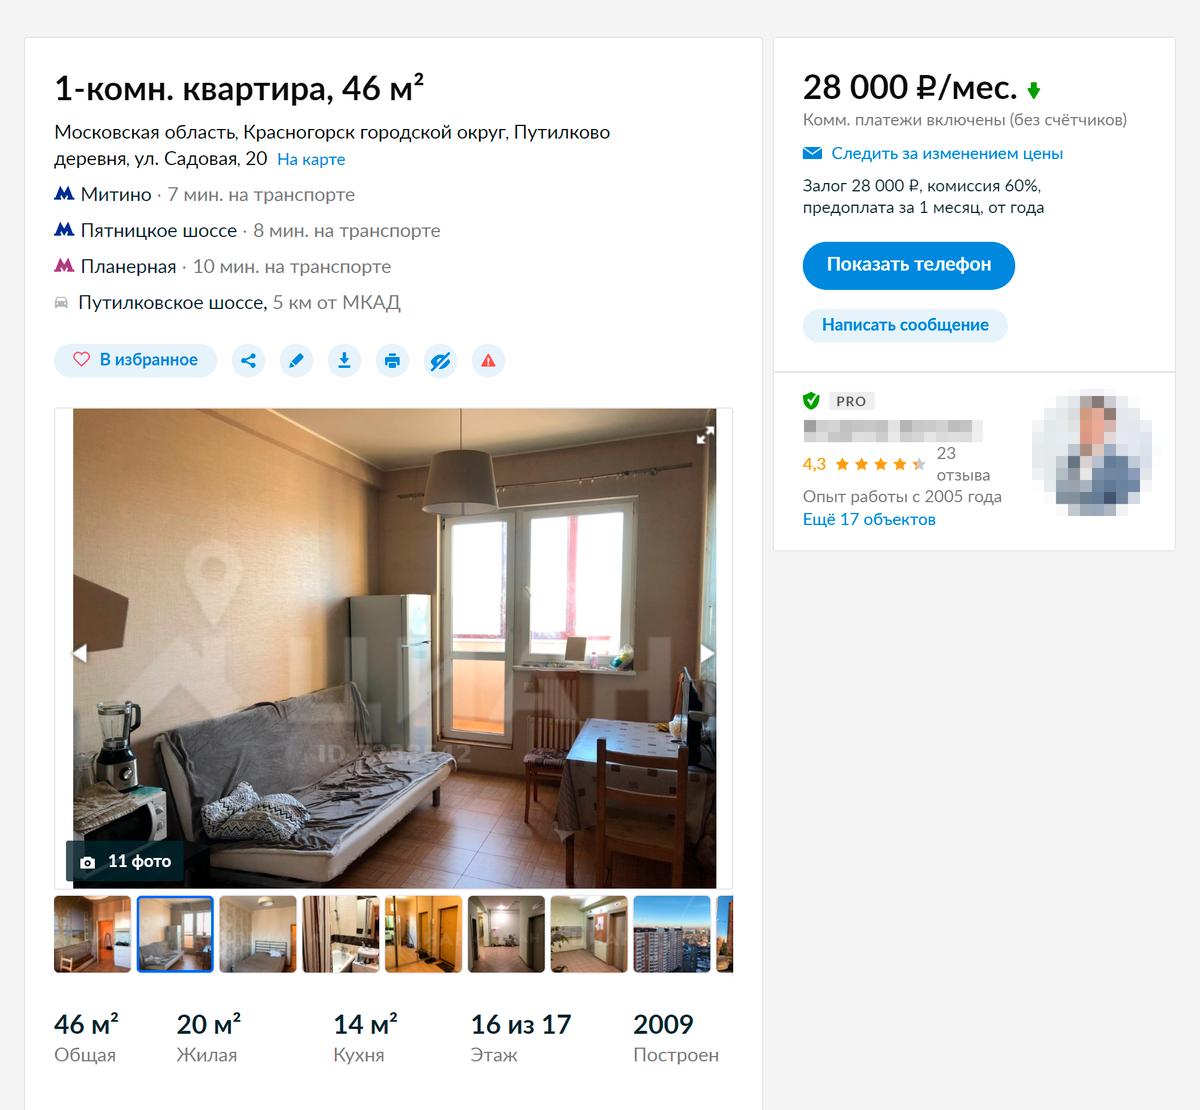 Это квартира в моем доме. Площадь такая&nbsp;же, как у меня, только другая планировка. Хозяин просит за квартиру 28 000<span class=ruble>Р</span> в месяц. Источник: «Циан»